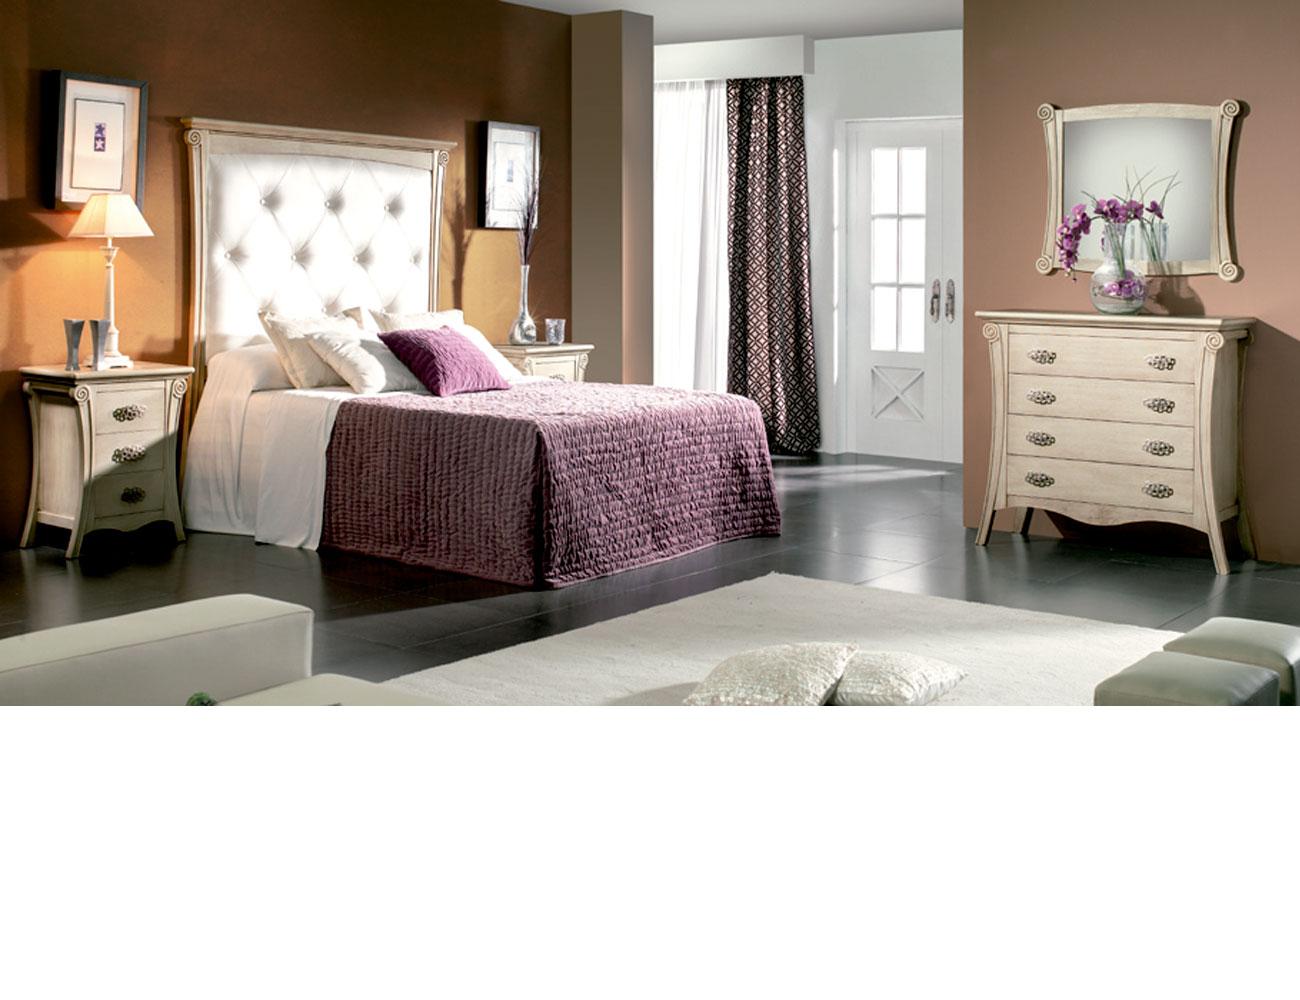 Dormitorio matrimonio cabecero tapizado polipiel color 500 tirador612